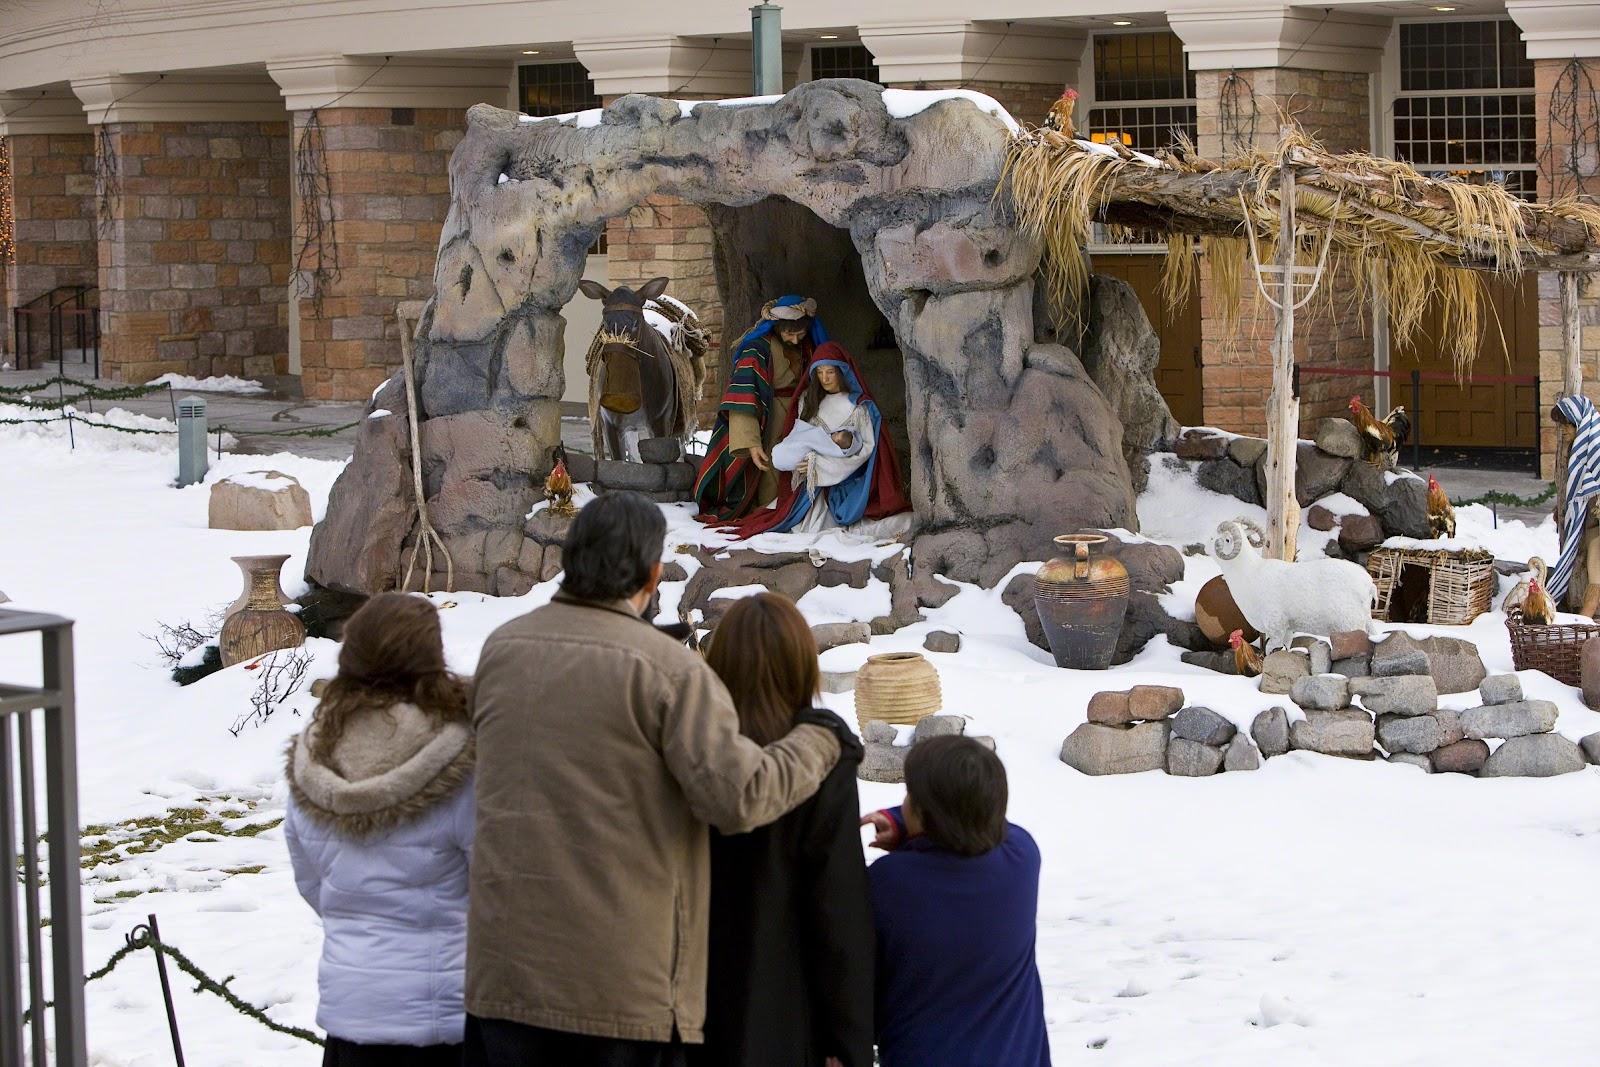 Nativity display at Temple Square in Salt Lake City, Utah